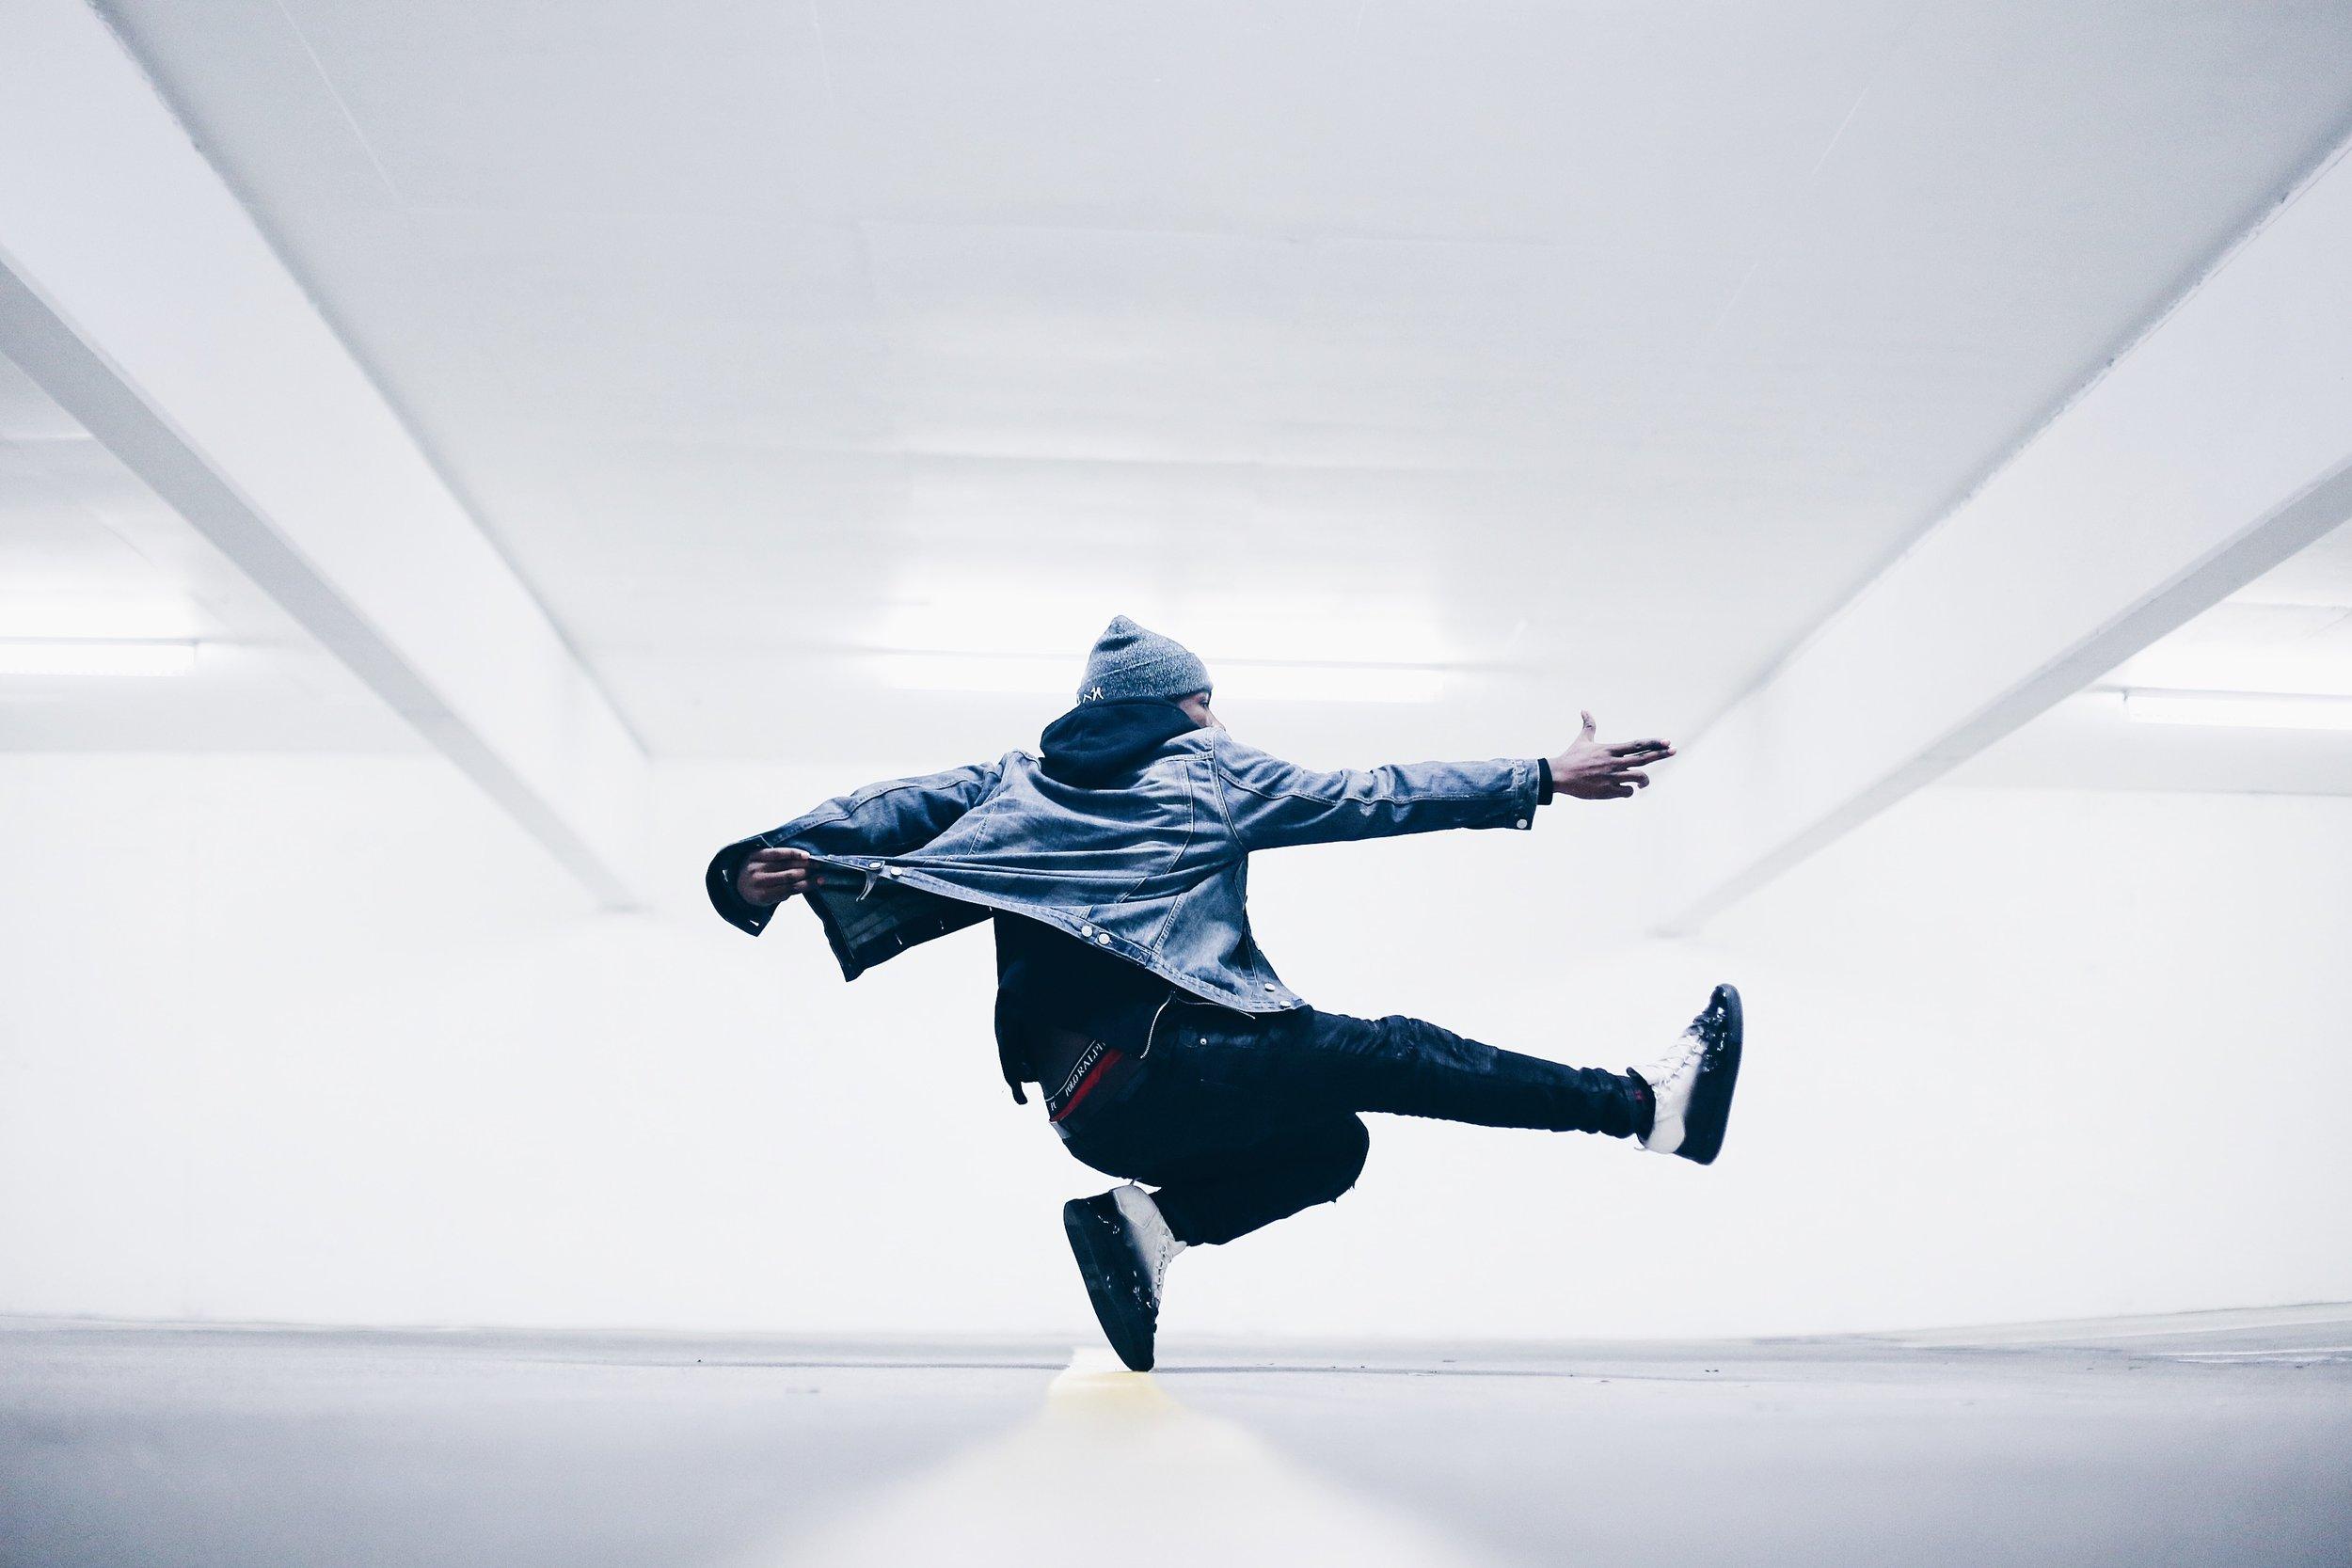 DANCE CREW - Novità del nuovo Progetto accademico, sarà quella di selezionare gli studenti più adatti alla formazione di una dance crew, in grado di rappresentare il marchio Modulo nei contest e nelle rassegne in Italia e in Europa. Tale impegno richiederà prove extra, oltre alle regolari lezioni, ma permetterà agli studenti selezionati di vivere un altro circuito fondamentale della danza.